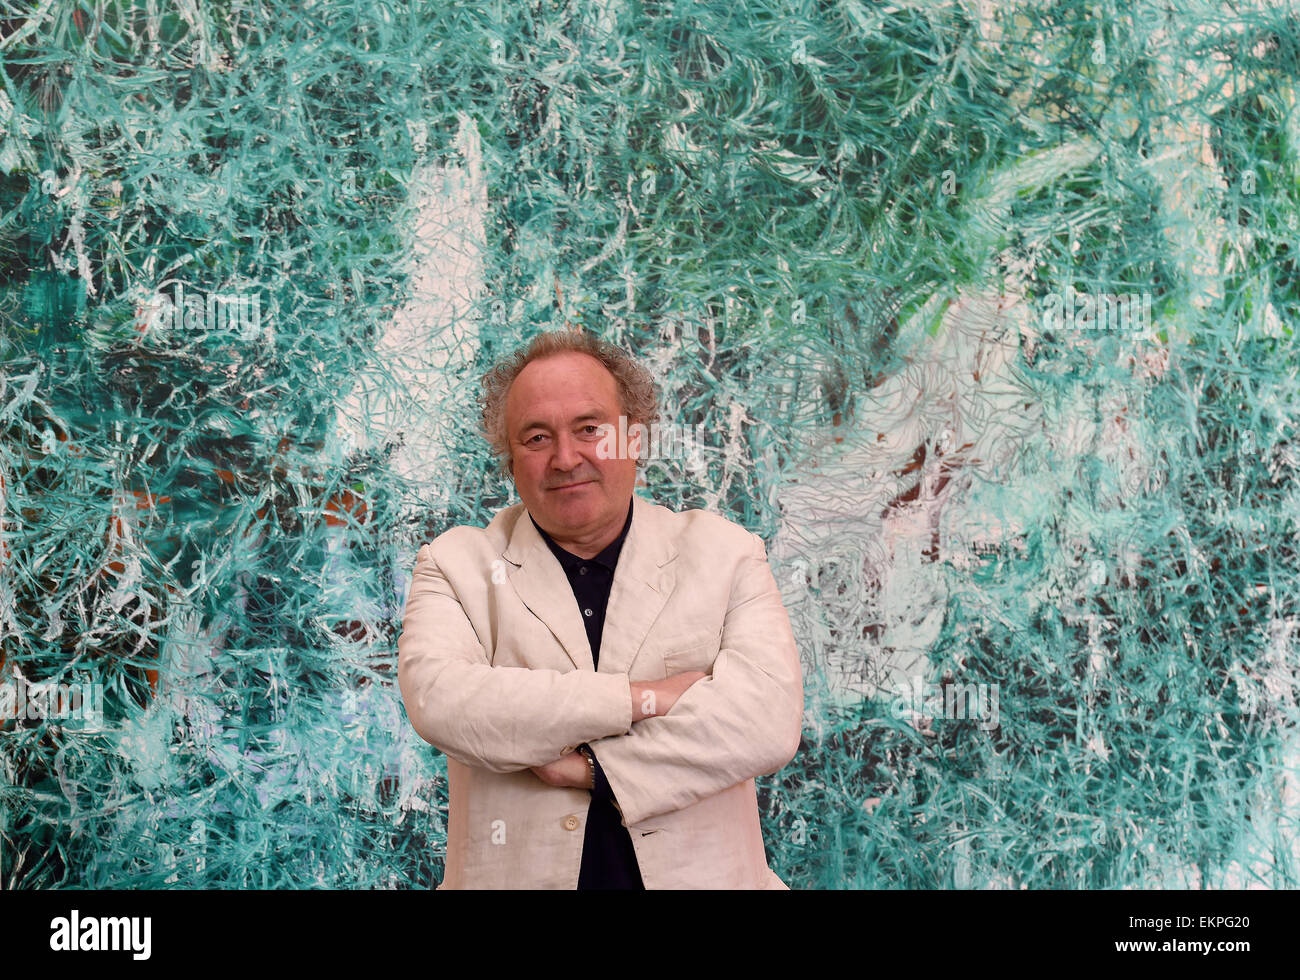 Künstler Braunschweig braunschweig deutschland 13 april 2015 norwegische künstler olav